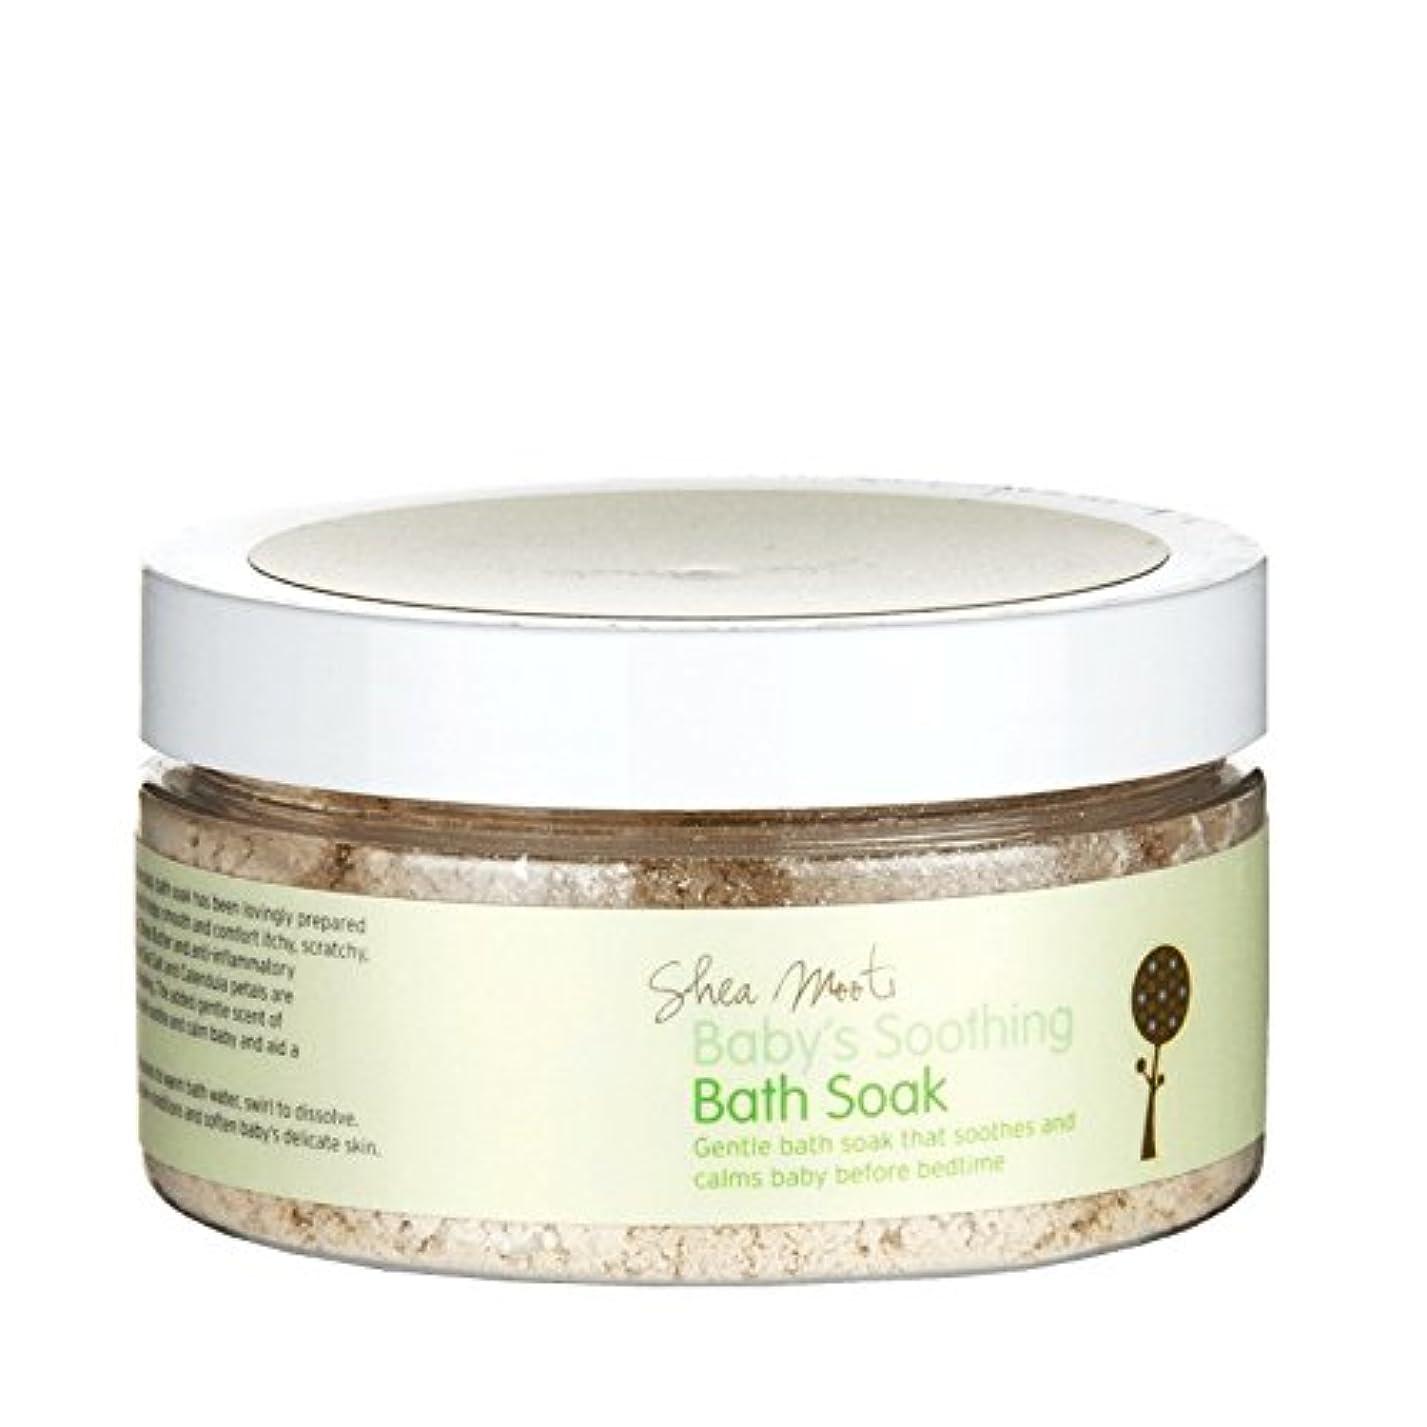 再生可能マイルド植物のシアバターMooti赤ちゃんの癒しのお風呂は、130グラムを浸し - Shea Mooti Baby's Soothing Bath Soak 130g (Shea Mooti) [並行輸入品]